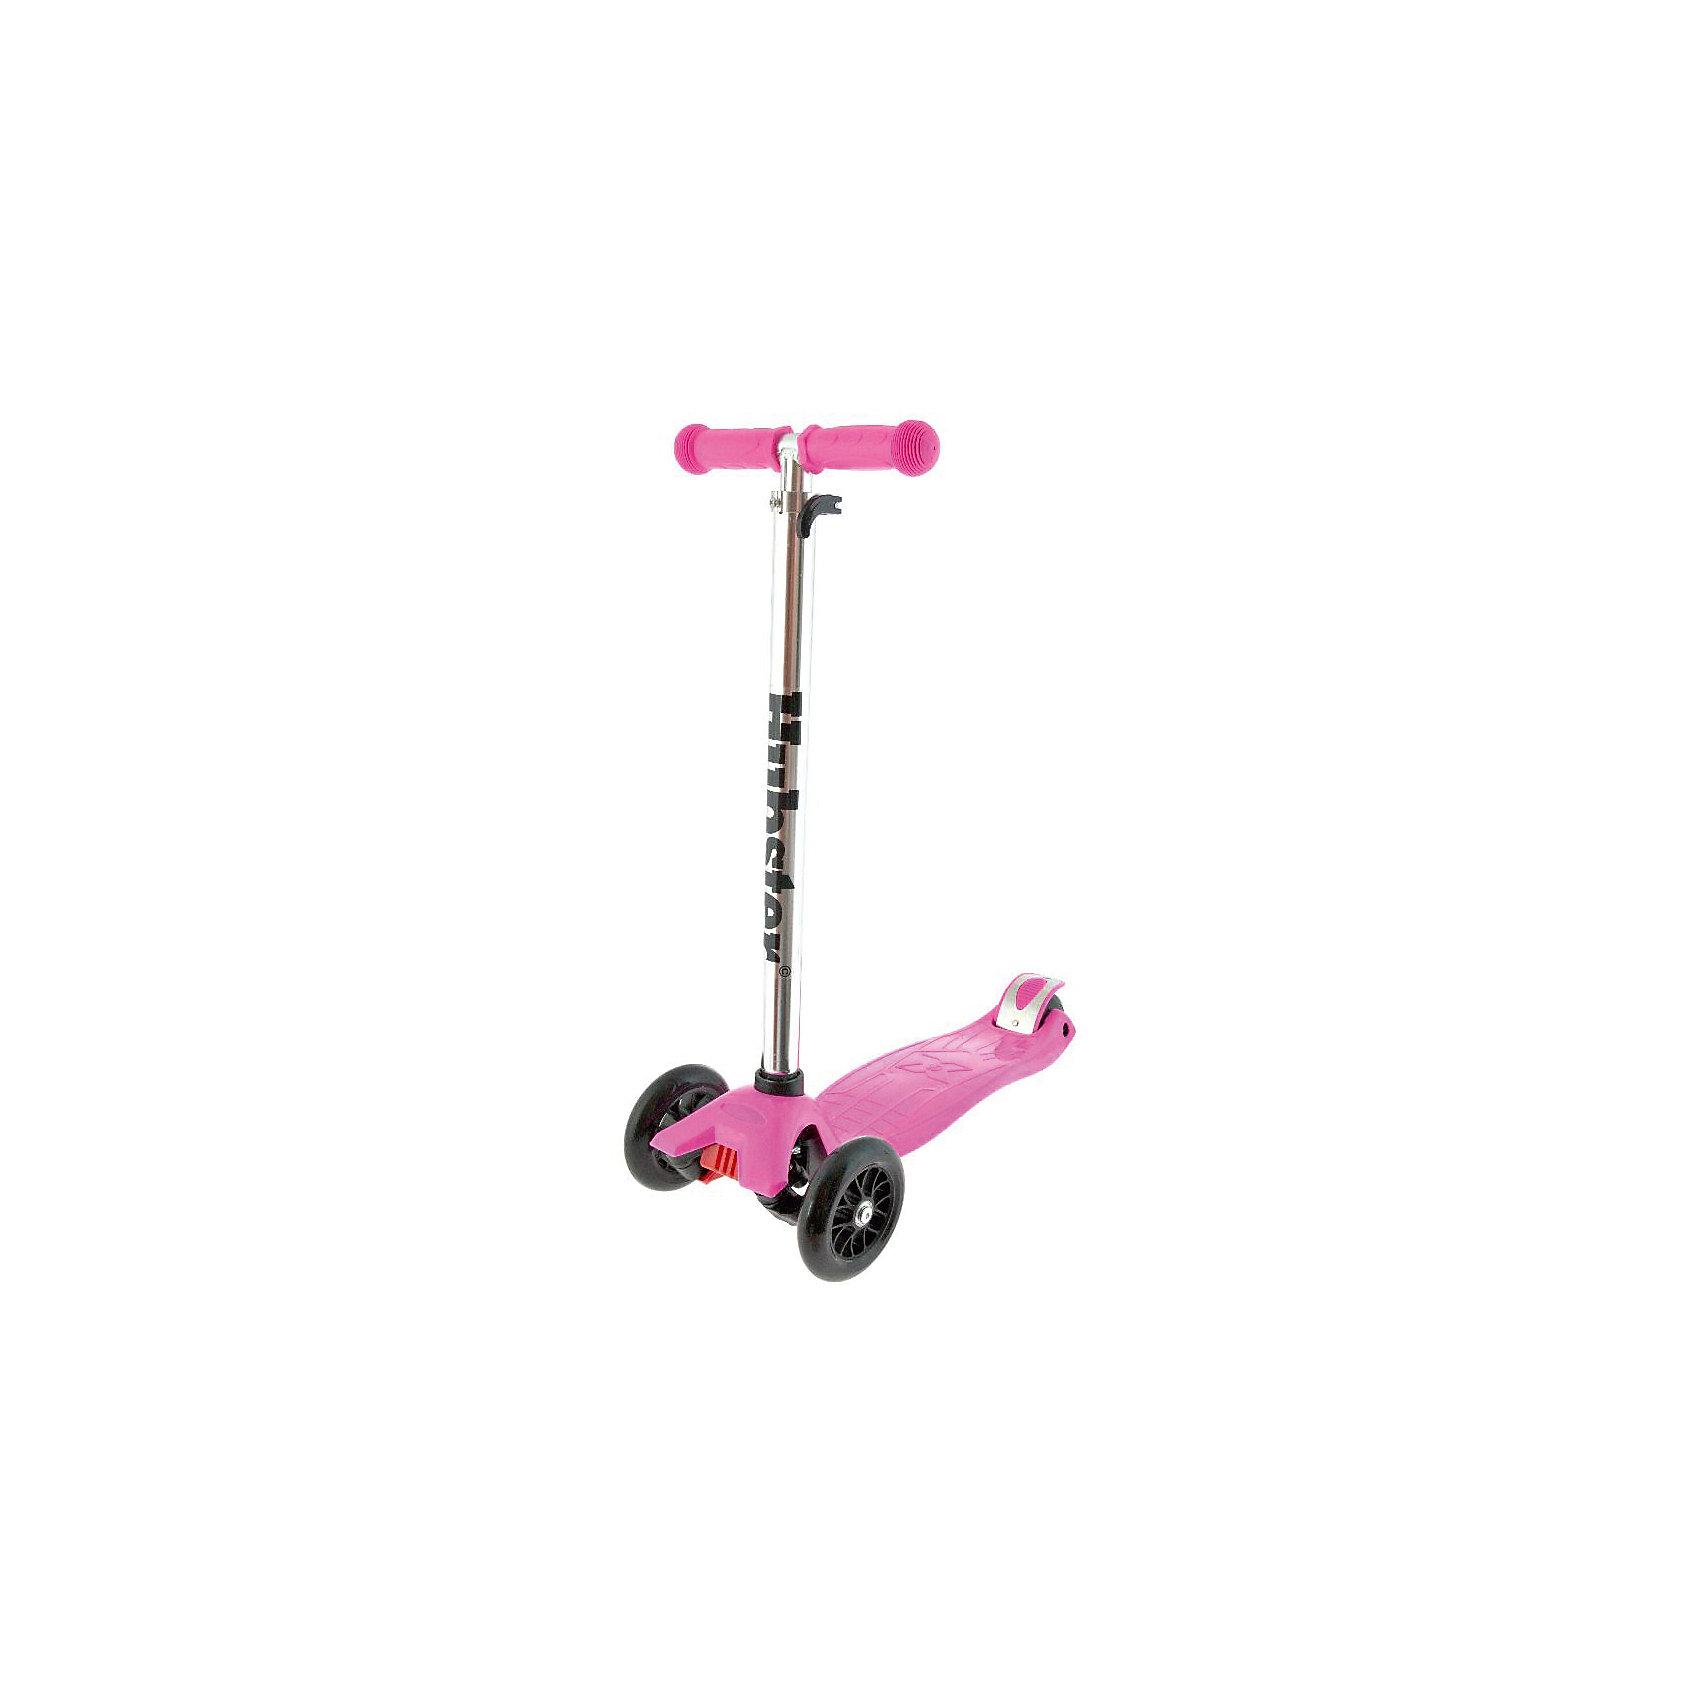 Самокат Maxi Kick Scooter,  розовыйВозраст: 3+<br>Вес: 2,5 кг. Максимальная нагрузка: 50 кг<br>Рама: алюминий, пластик, резина, ПУ материалы<br>Размер колес: 120 х 24 мм, задние 80 мм<br>Тормоз: Ножной<br>Ширина руля: 26 см<br>Регулируемая высота руля: 65 - 88 см<br>Длина платформы: 32 см<br>Ширина платформы: 13 см<br>Длина самоката: 57 см<br>Грипсы: Травмобезопасные с защитной подушечкой<br>Объем: 0.02 м?<br><br>Ширина мм: 590<br>Глубина мм: 280<br>Высота мм: 150<br>Вес г: 2500<br>Возраст от месяцев: 36<br>Возраст до месяцев: 60<br>Пол: Унисекс<br>Возраст: Детский<br>SKU: 5518962